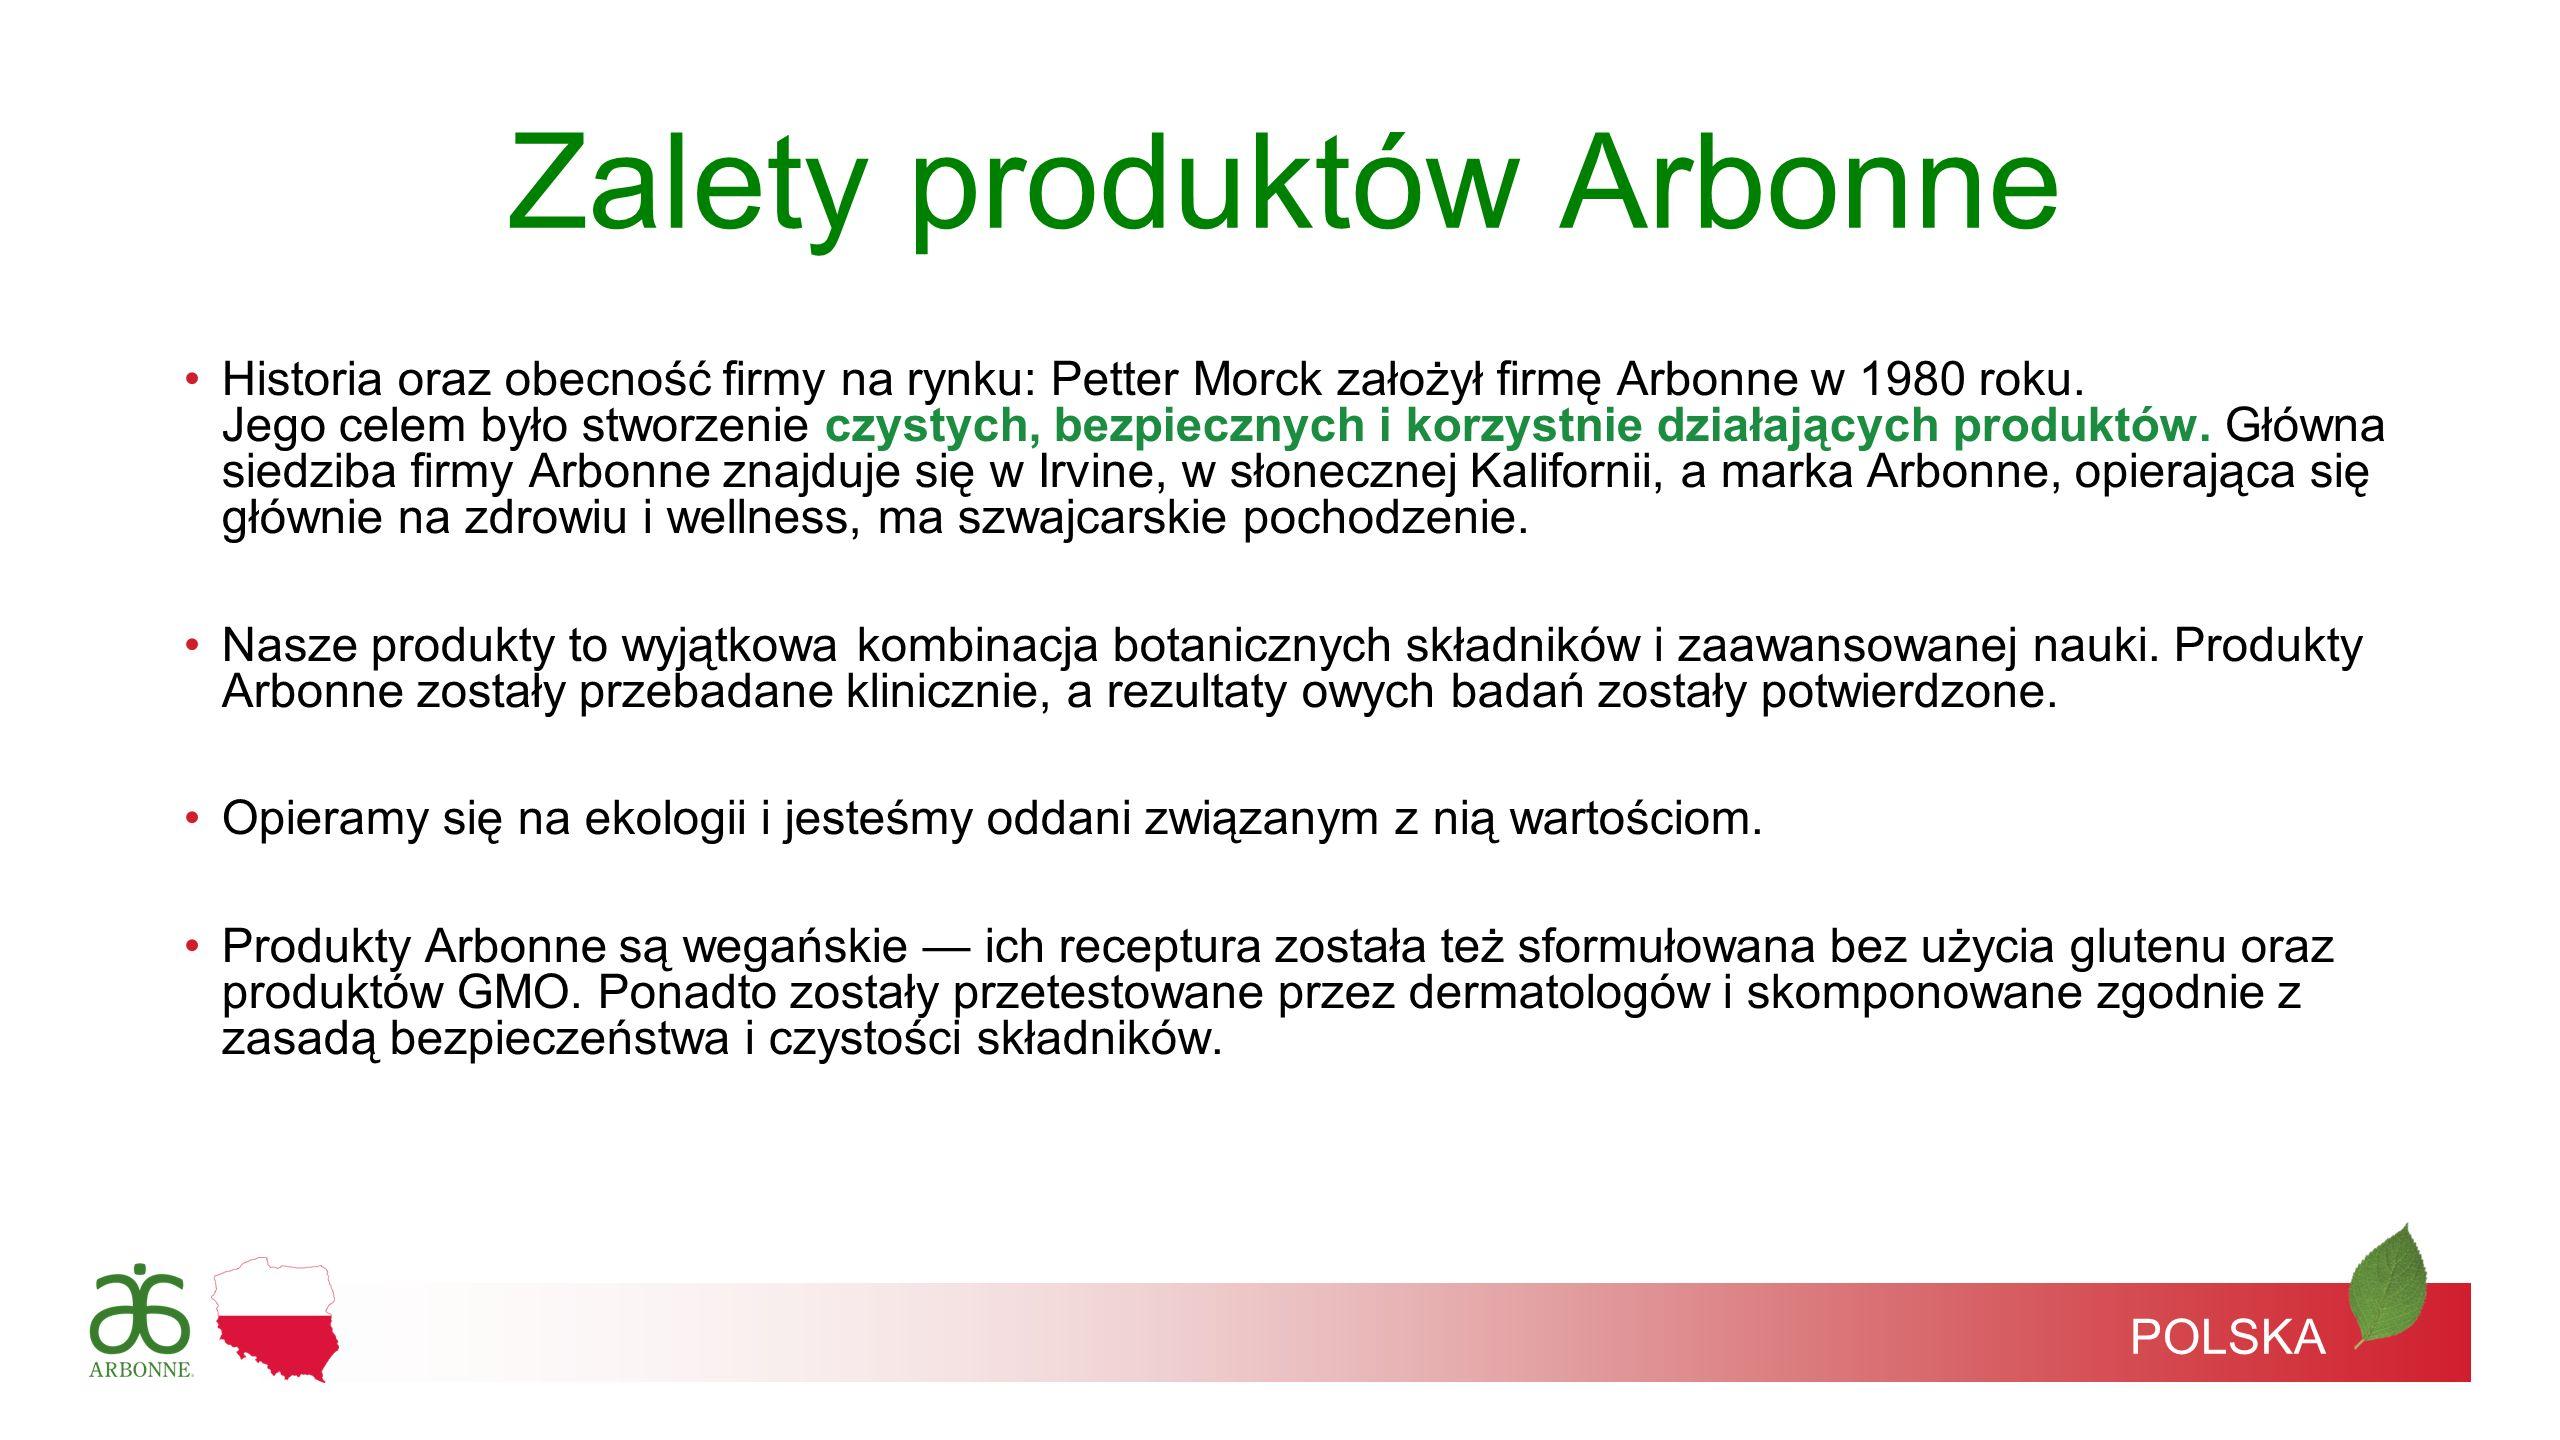 Zalety produktów Arbonne